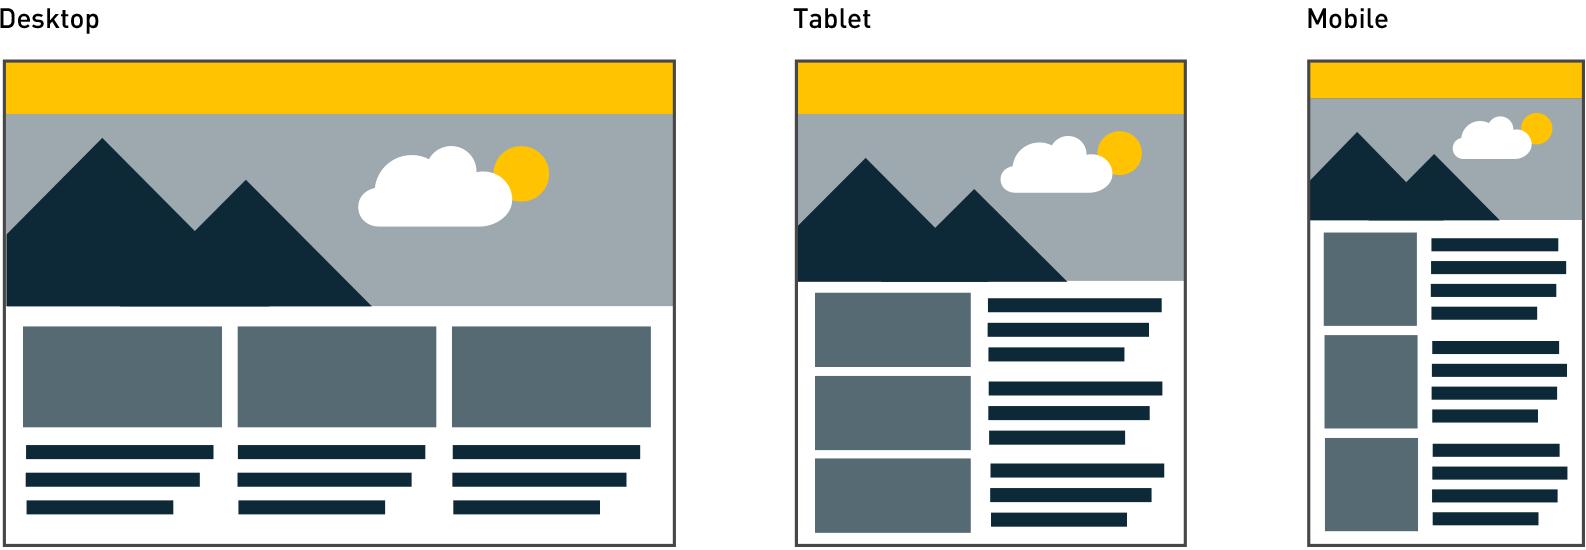 Web design comparison of Desktop, Tablet and Mobile